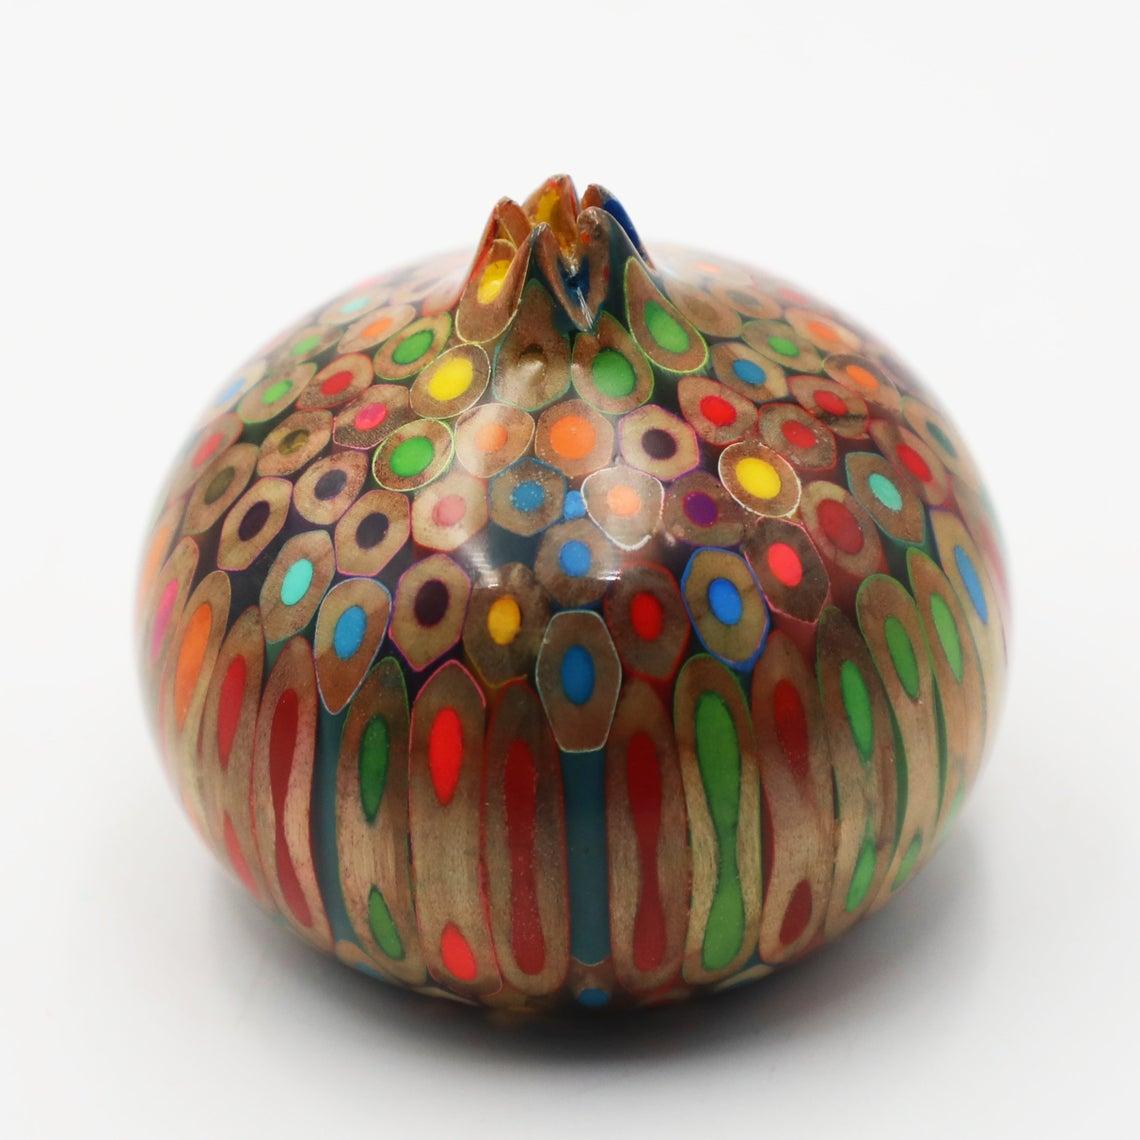 Decorative Colored-pencil Quy Tu Pomegranate